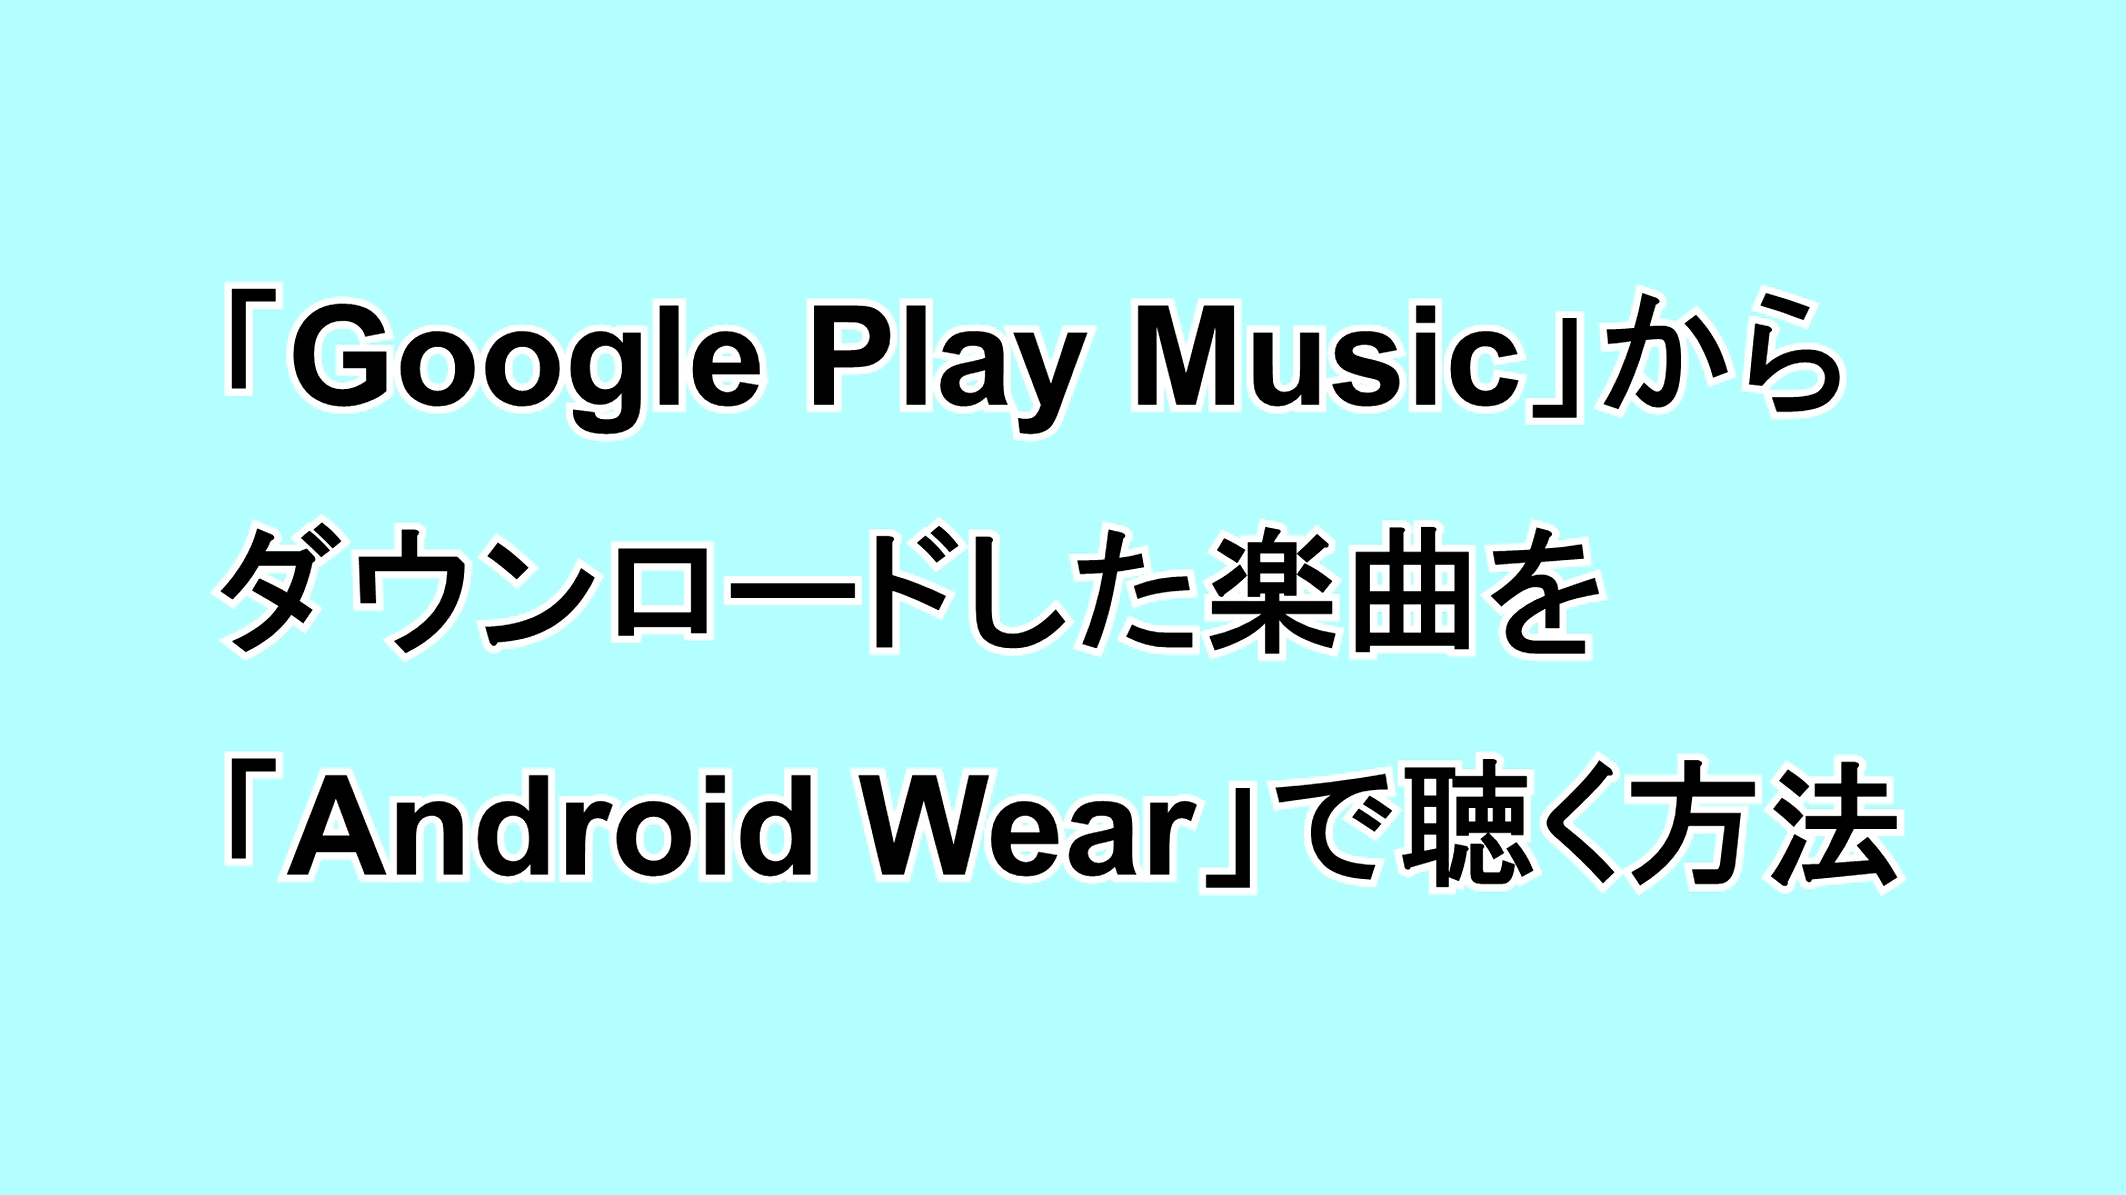 「Google Play Music」からダウンロードした楽曲を「Android Wear」で聴く方法